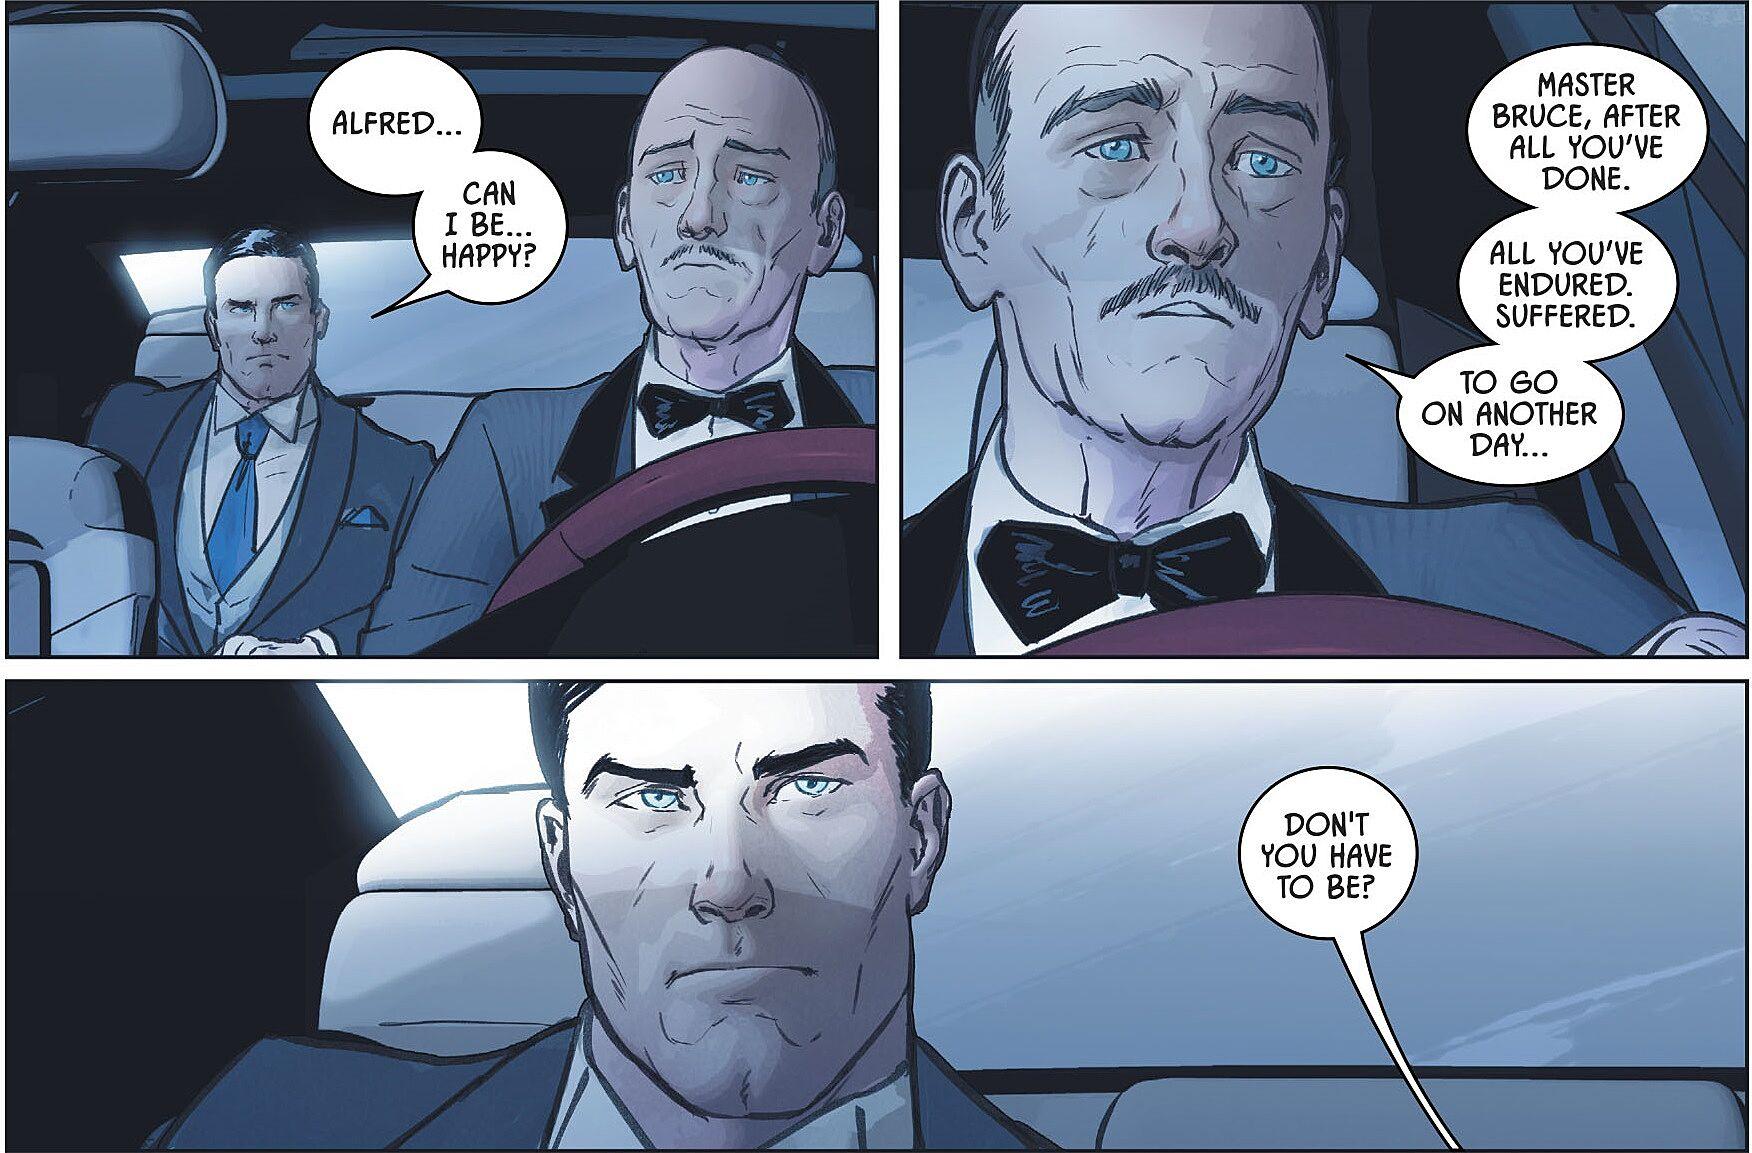 Batman Comics: Reviewing Batman volume 3 #50